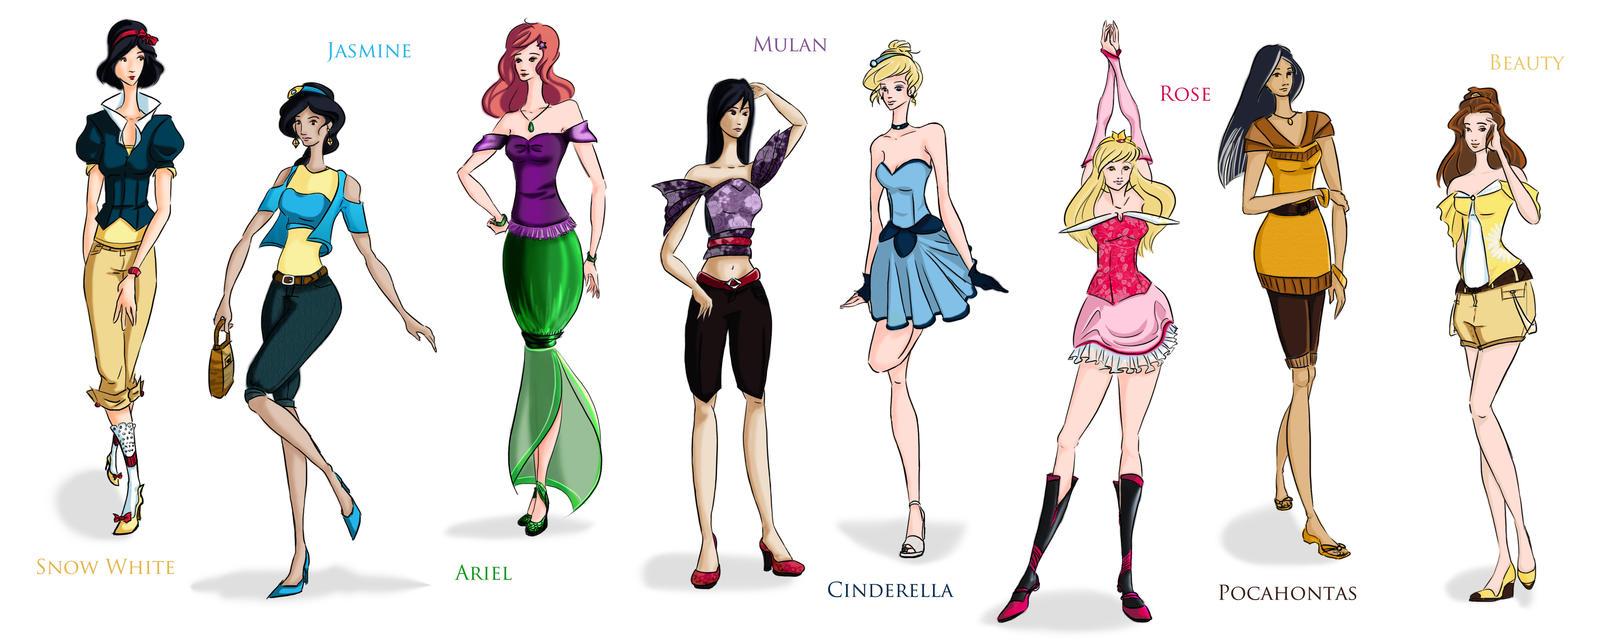 Disney Princesses by Cherie327